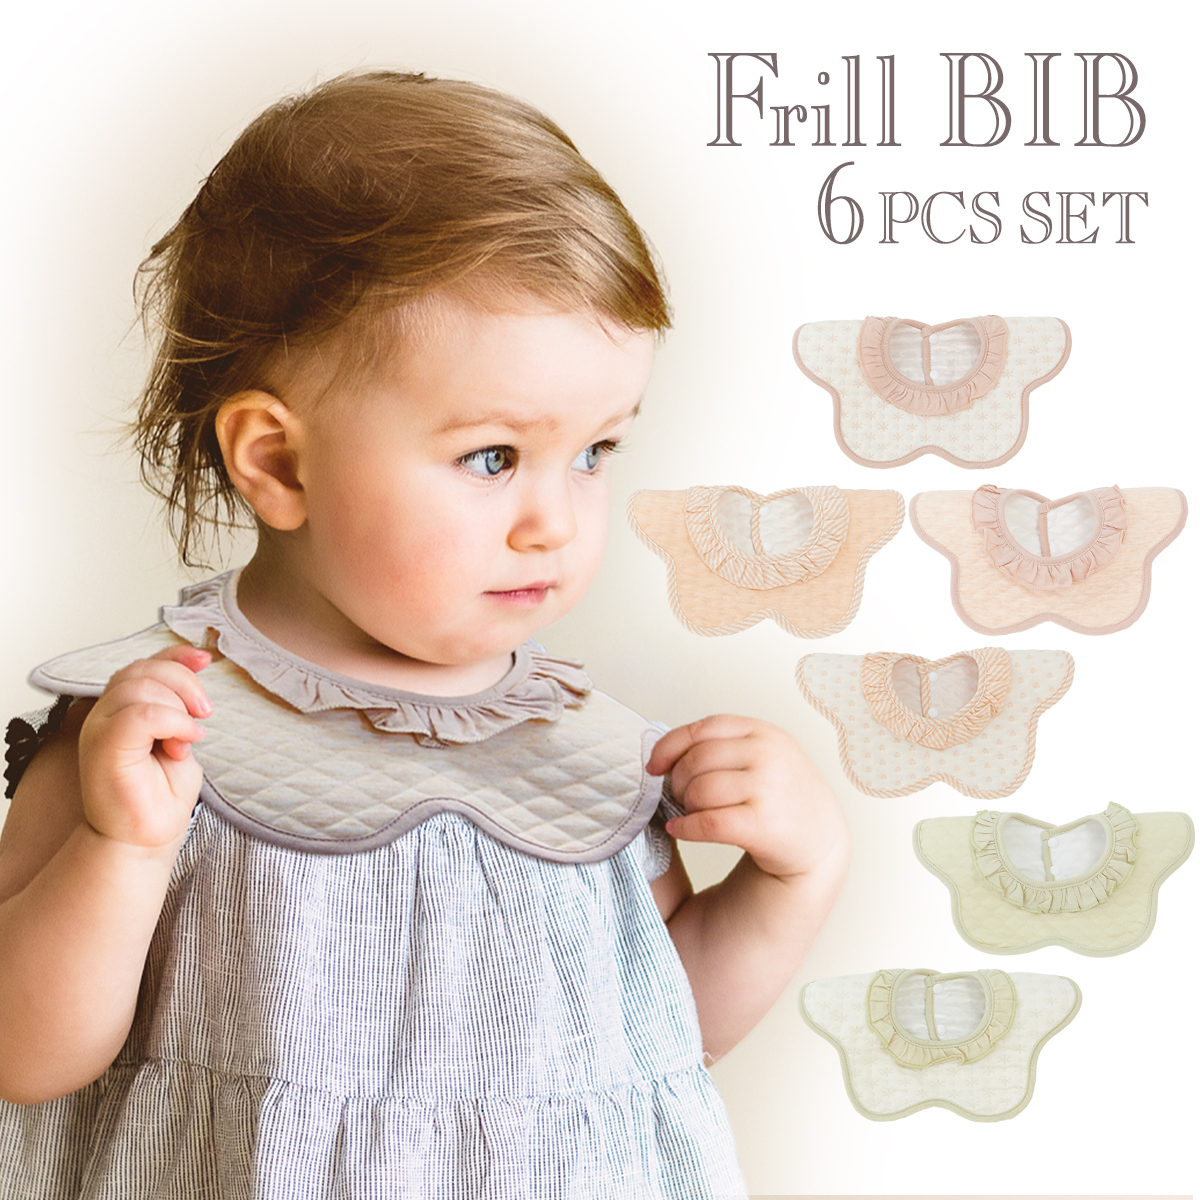 スタイ オンライン限定商品 40%OFFの激安セール おしゃれ 女の子 フリル スタイセット かわいい 赤ちゃん よだれかけ BMC ビブ 出産祝い bib. ギフト